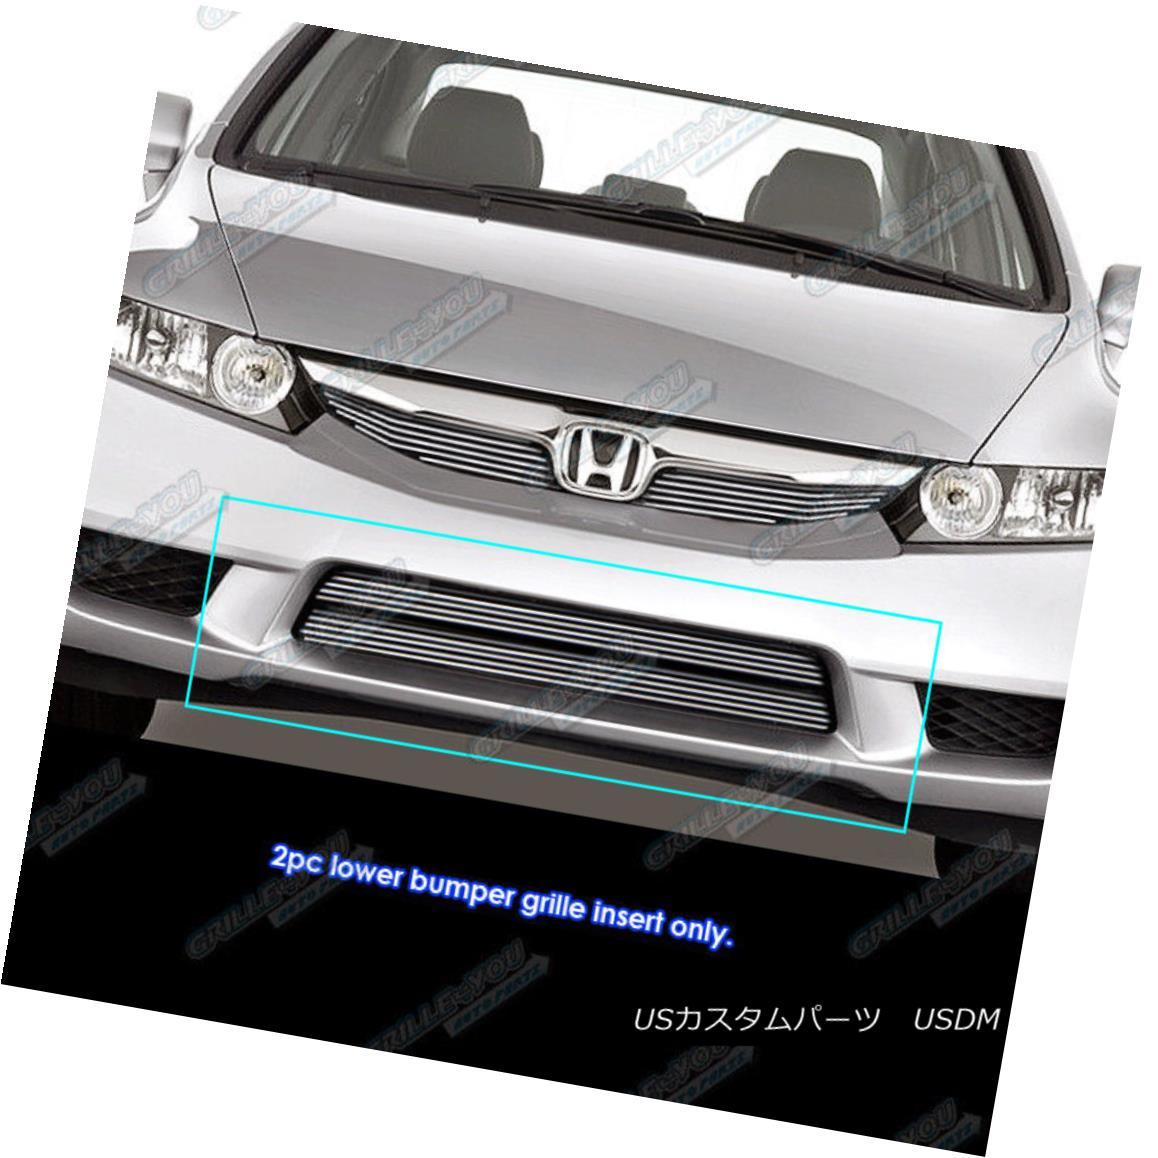 グリル Fits 2009-2011 Honda Civic Sedan/Hybrid Lower Bumper Billet Grill ホンダシビックセダン/ハイブリッドロワーバンパービレットグリル